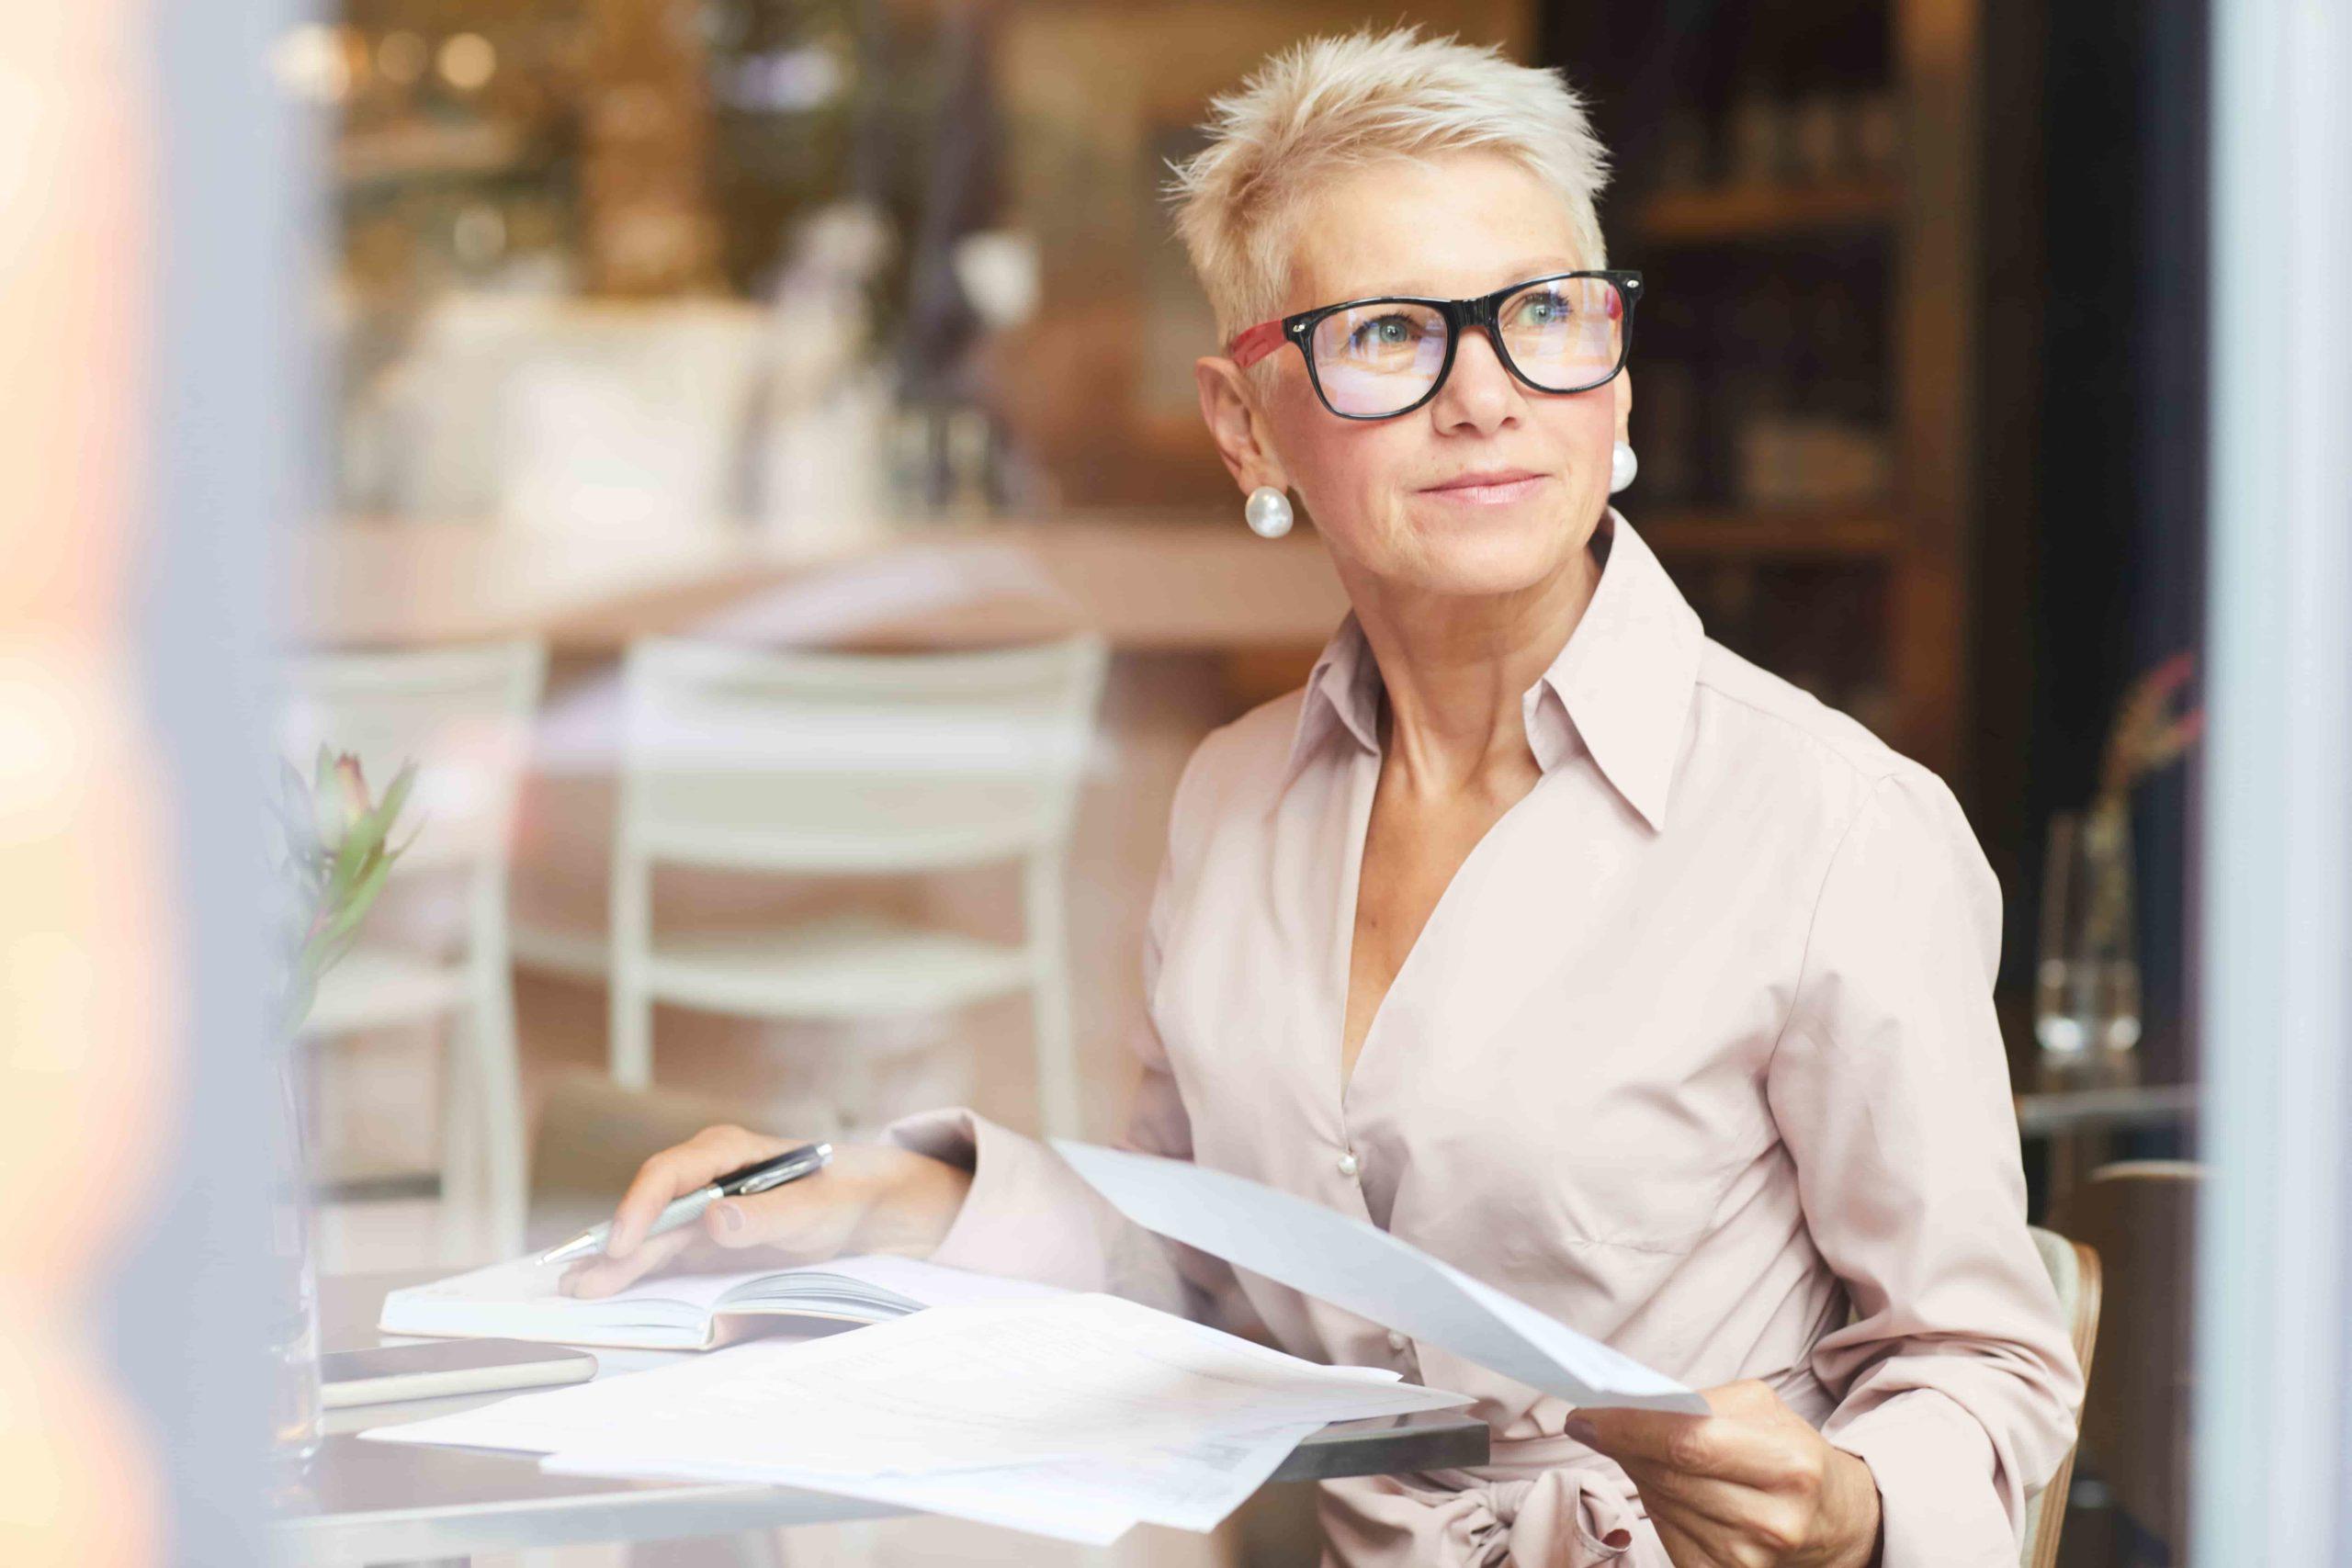 Мода для женщин за 50. Тенденции женской одежды за 50 лет